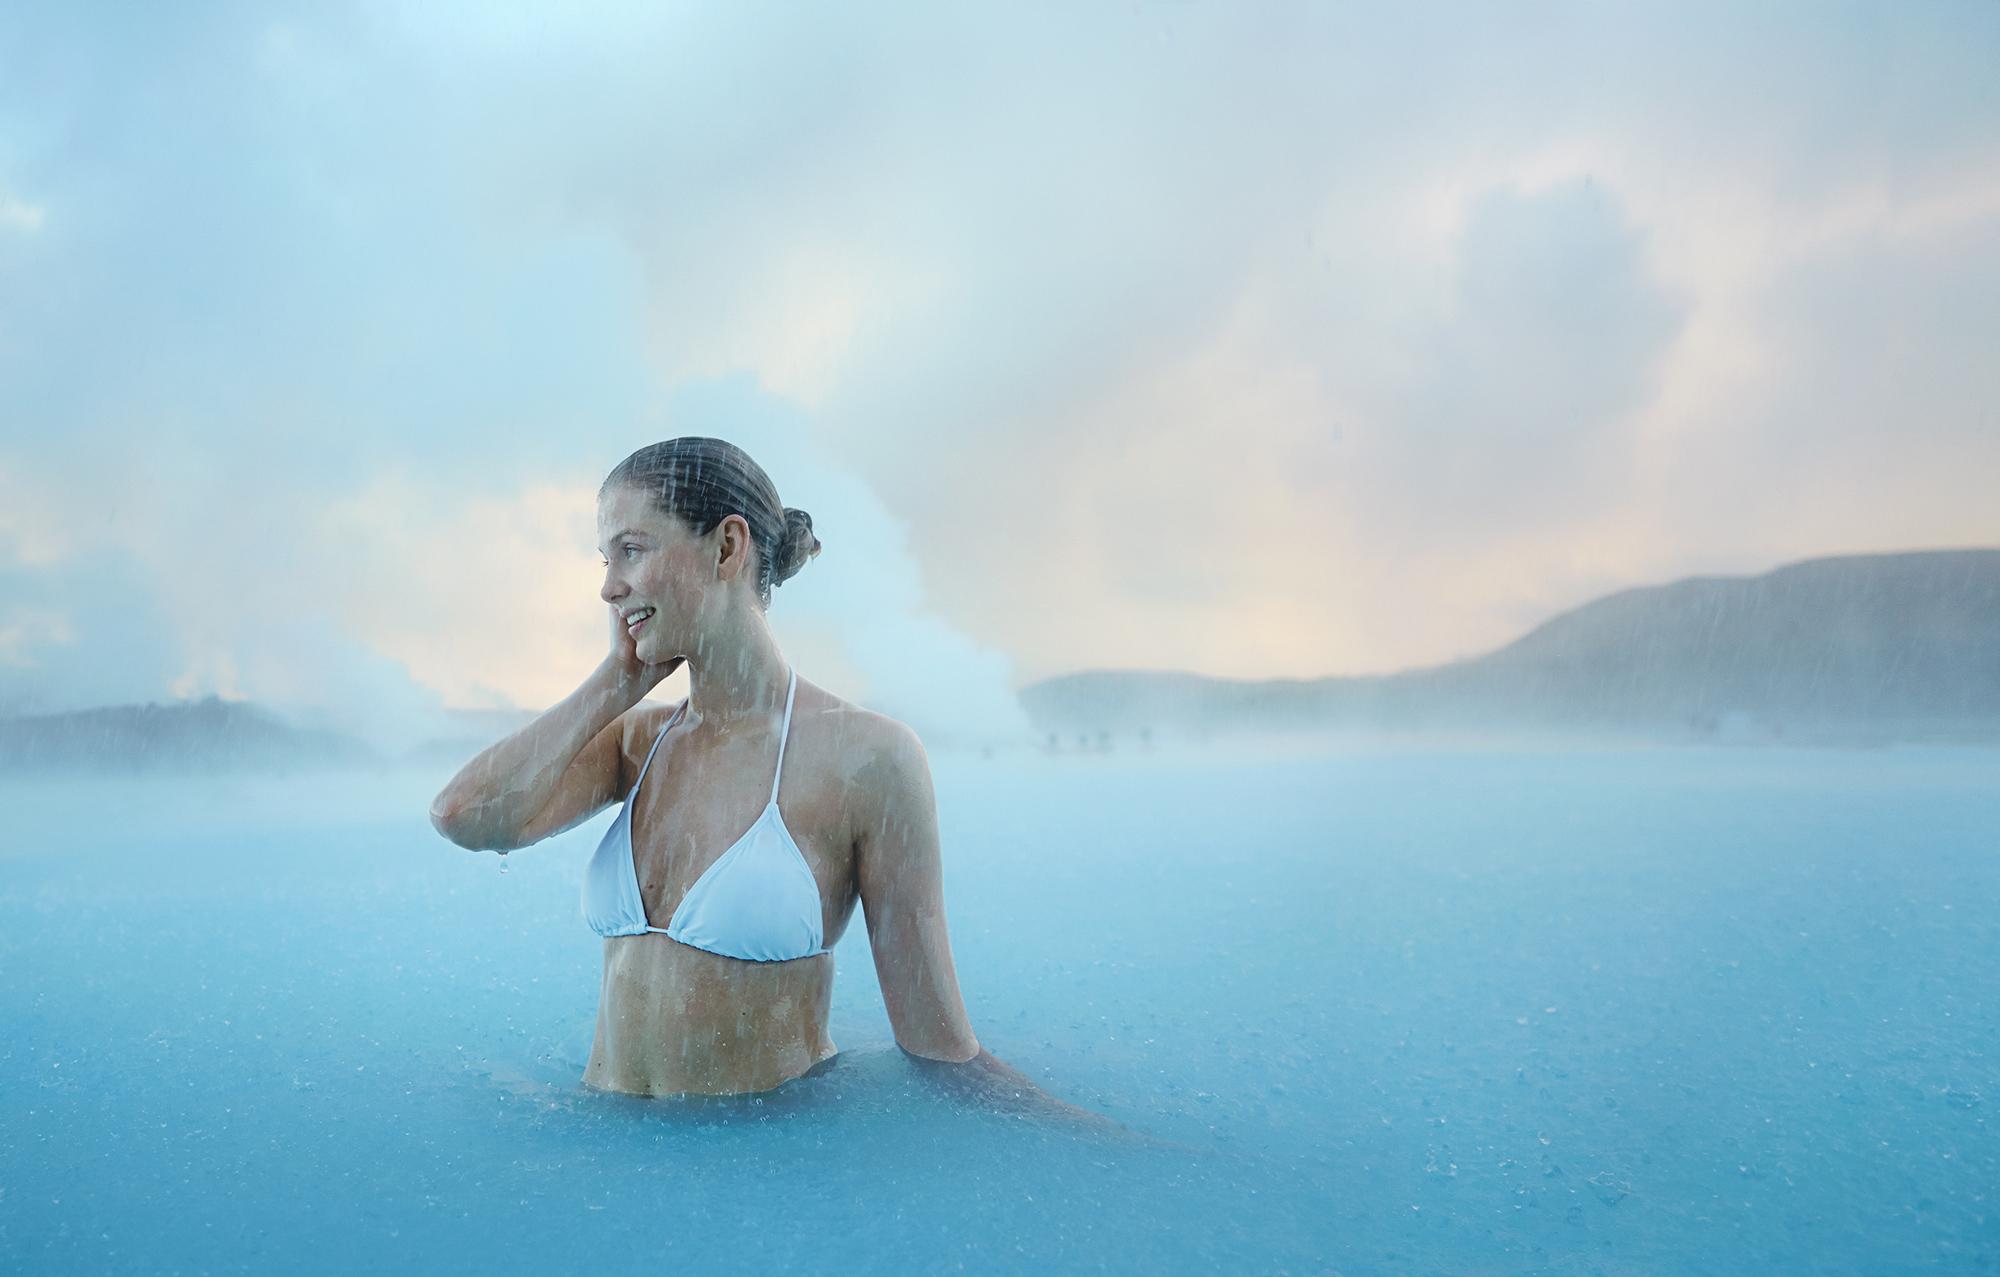 蓝湖温泉富含矿物质,硅泥面膜颇具滋养功效